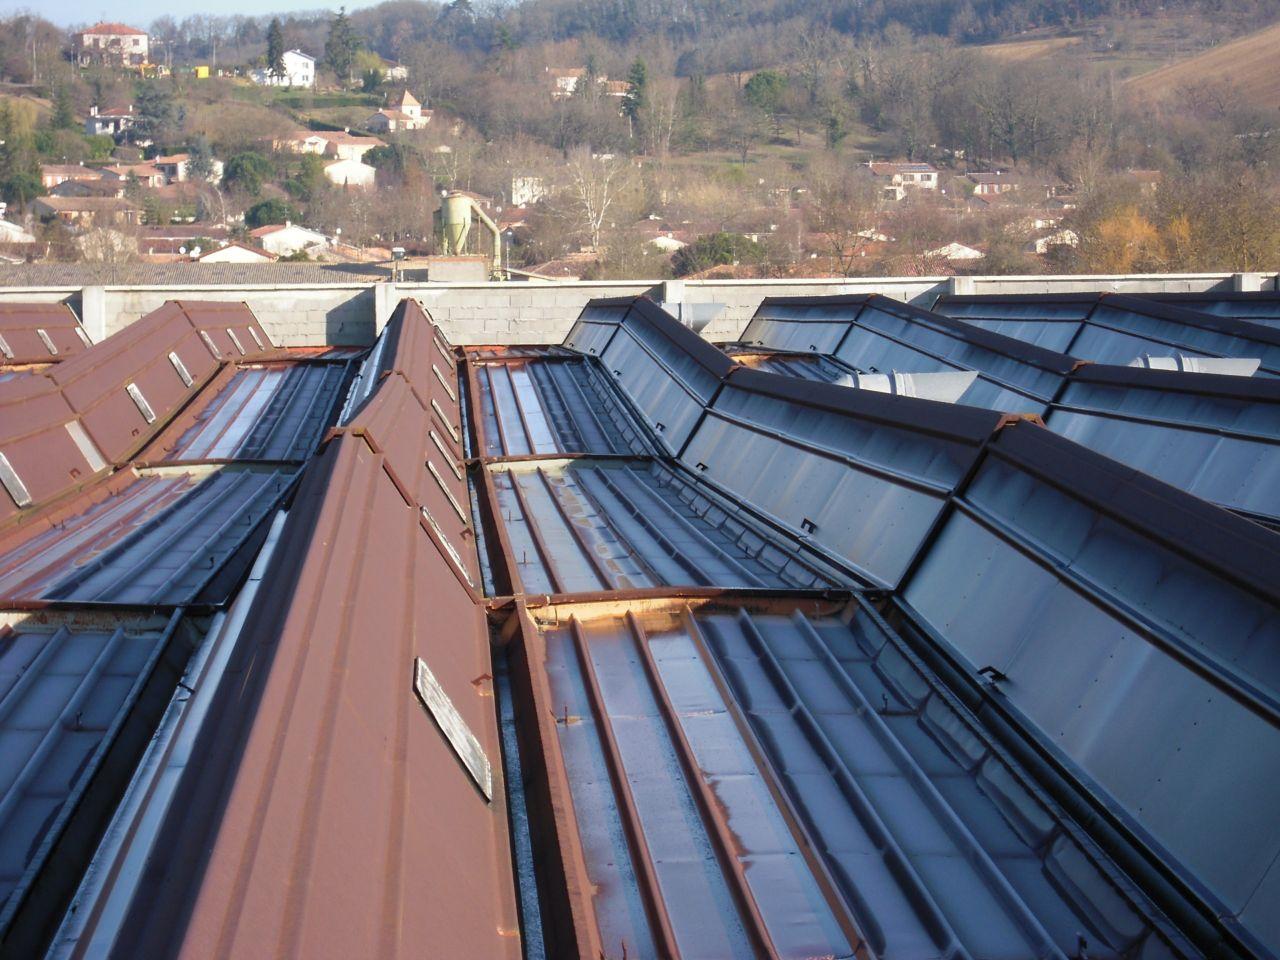 Metal roof before renovation repair